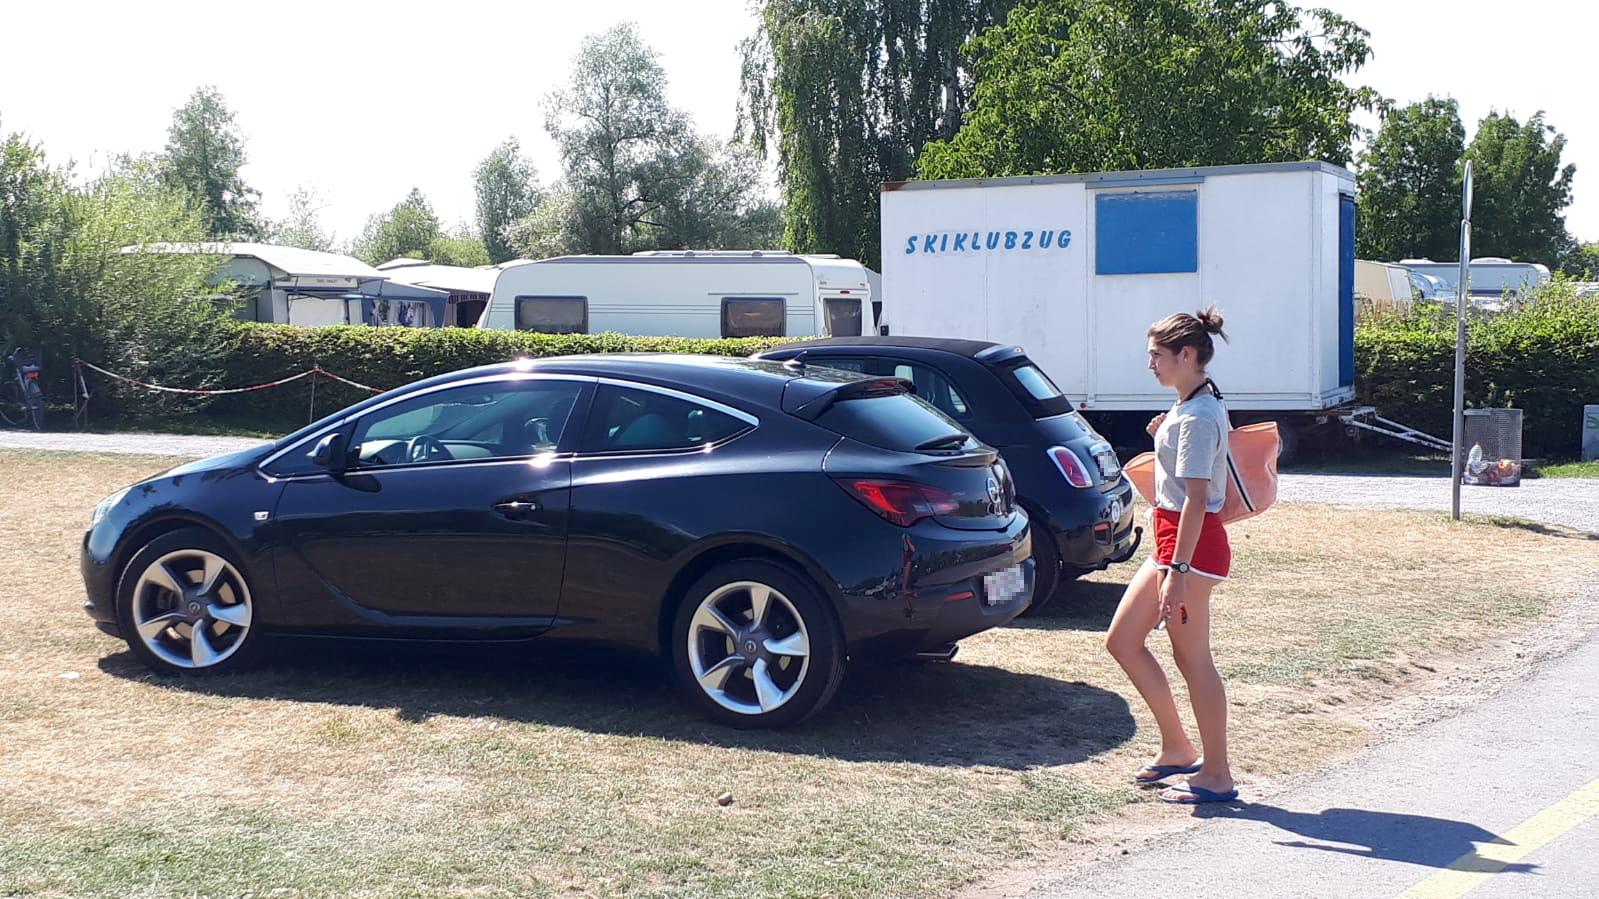 Weil der Parkplatz an der Strasse abgesperrt bleibt, nutzen Besucher die Badewiese.